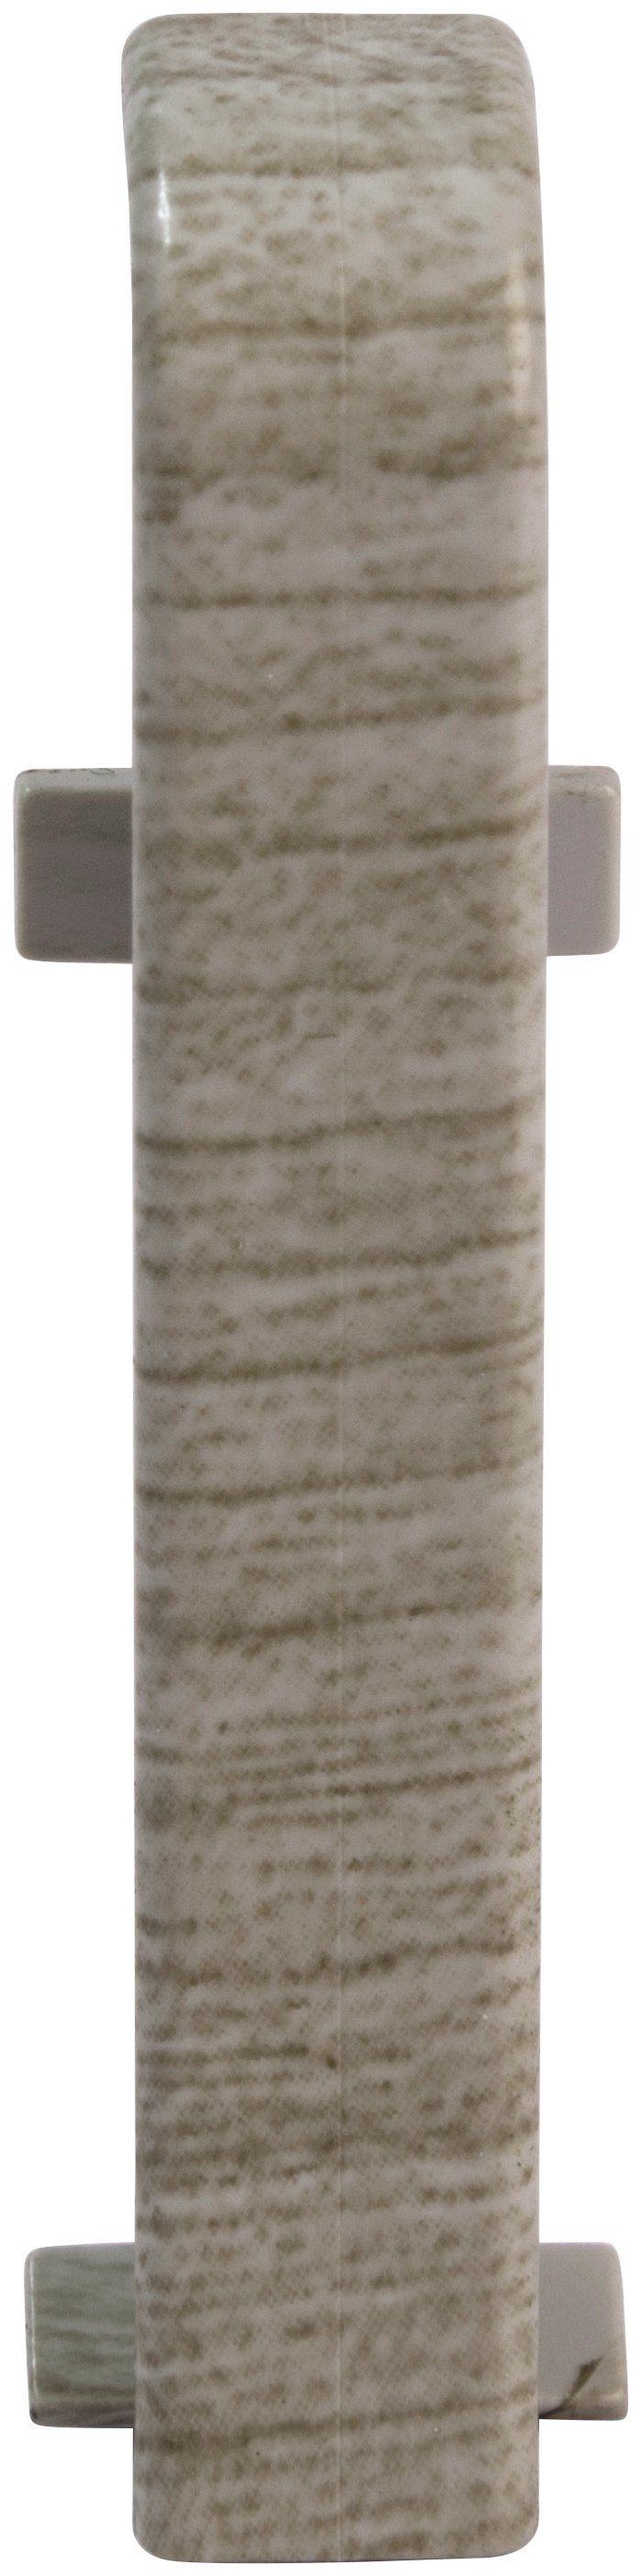 EGGER Zwischenstücke »Eiche mittelgrau«, für 6 cm EGGER Sockelleiste